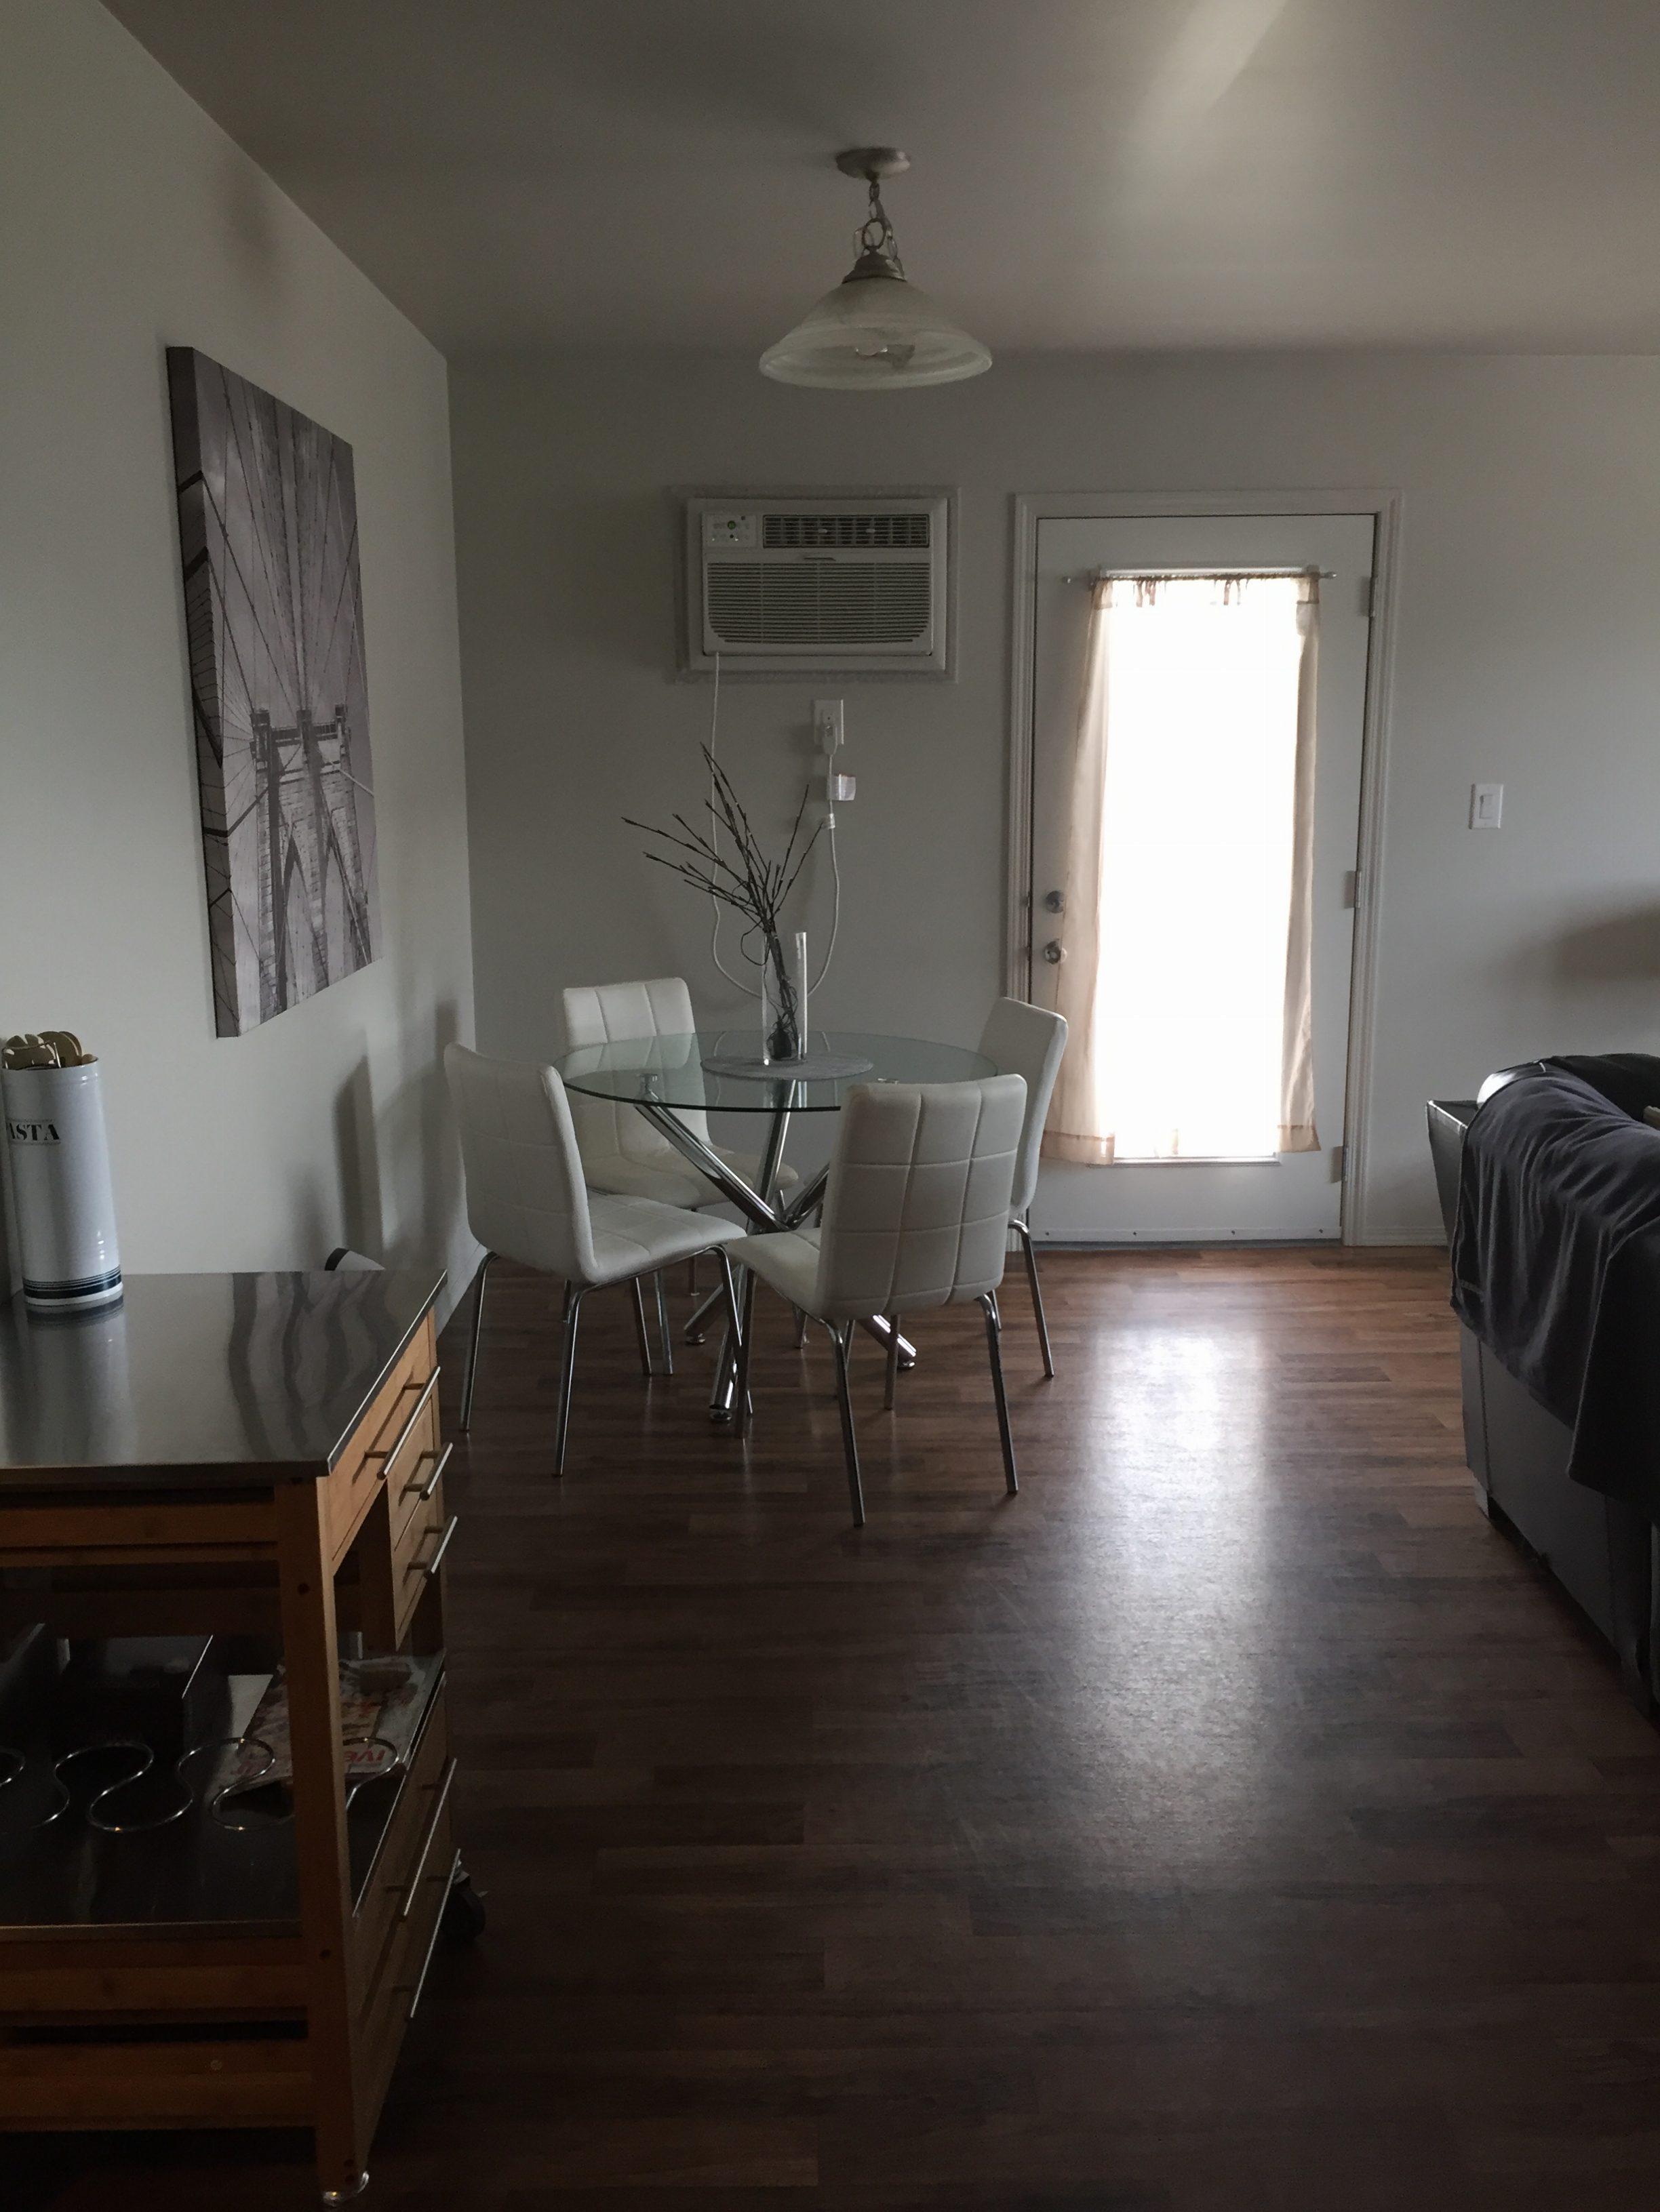 Clearspring Courts 3 Bedroom Schinkel Properties